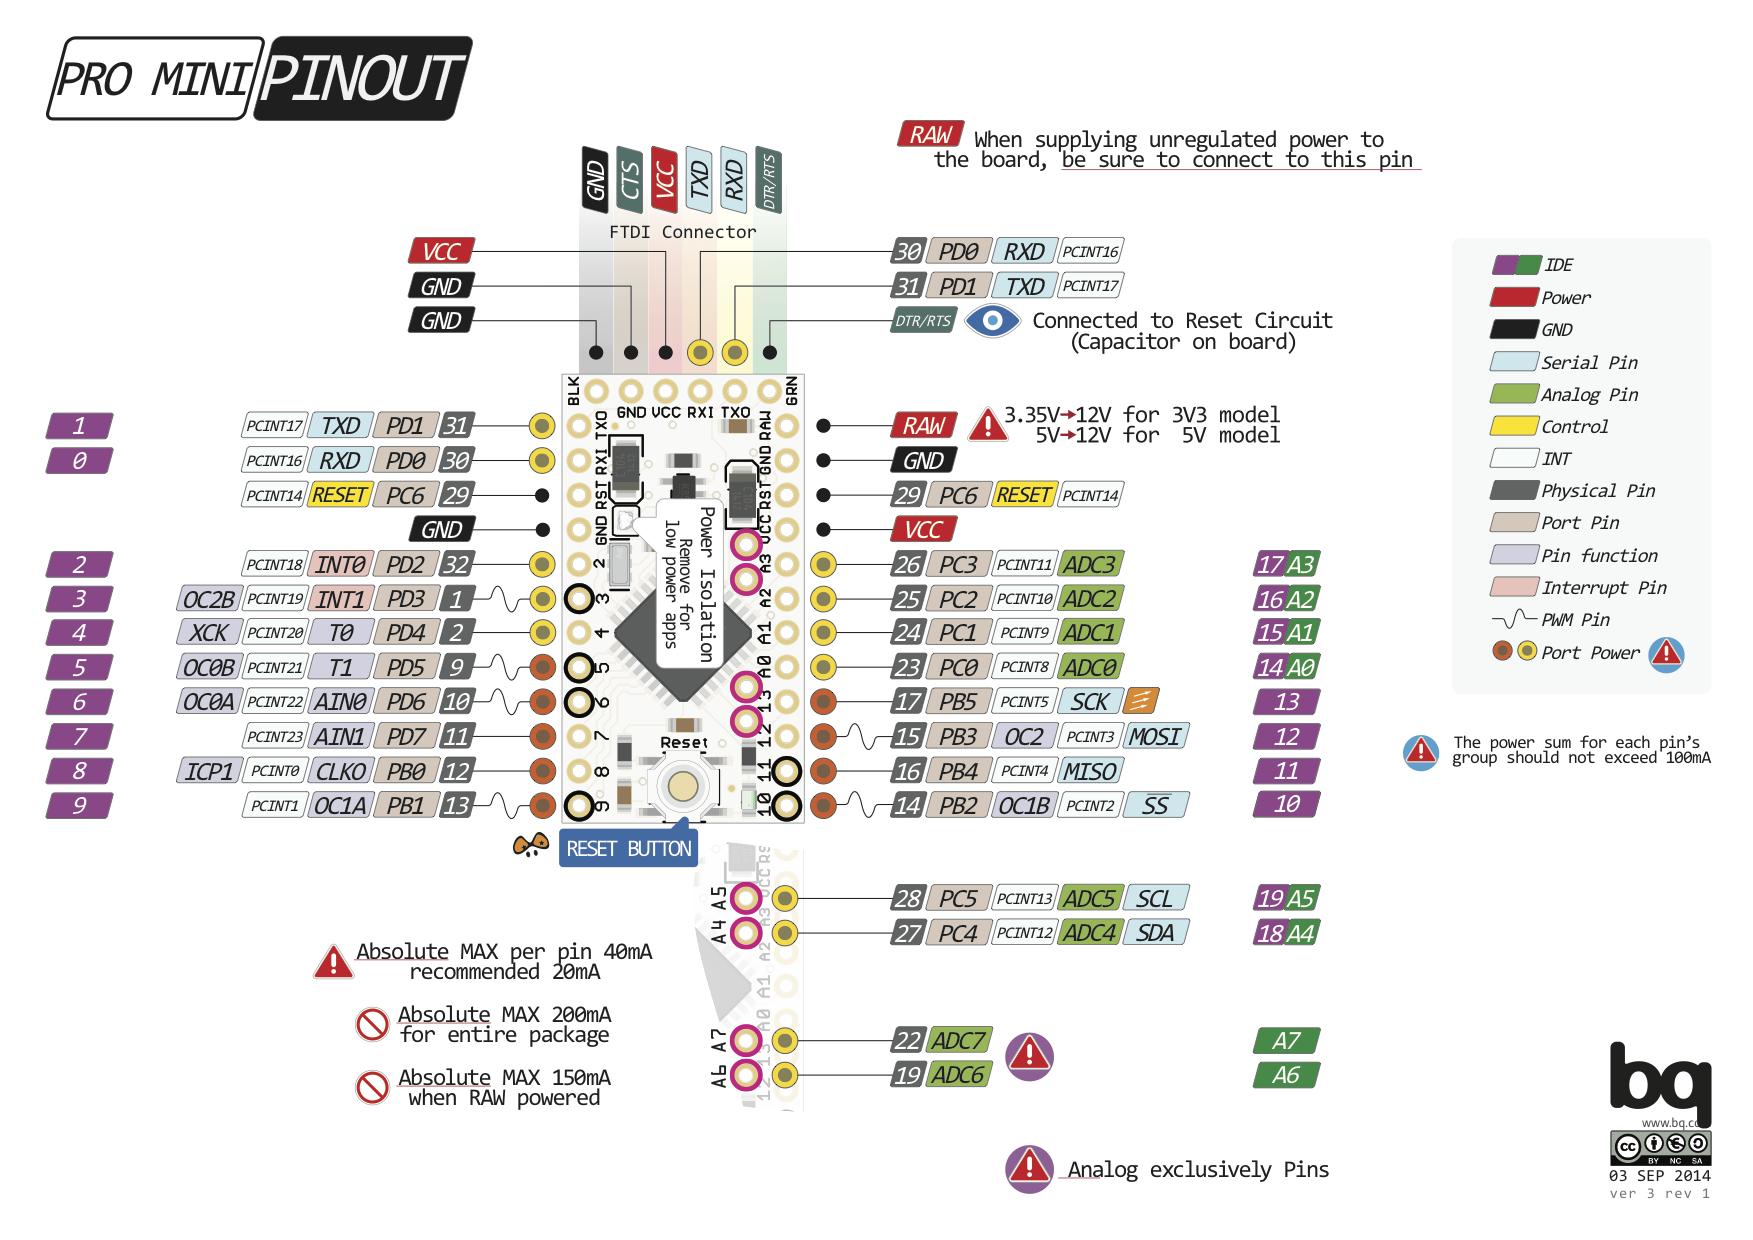 medium resolution of arduino pro mini pinout diagram